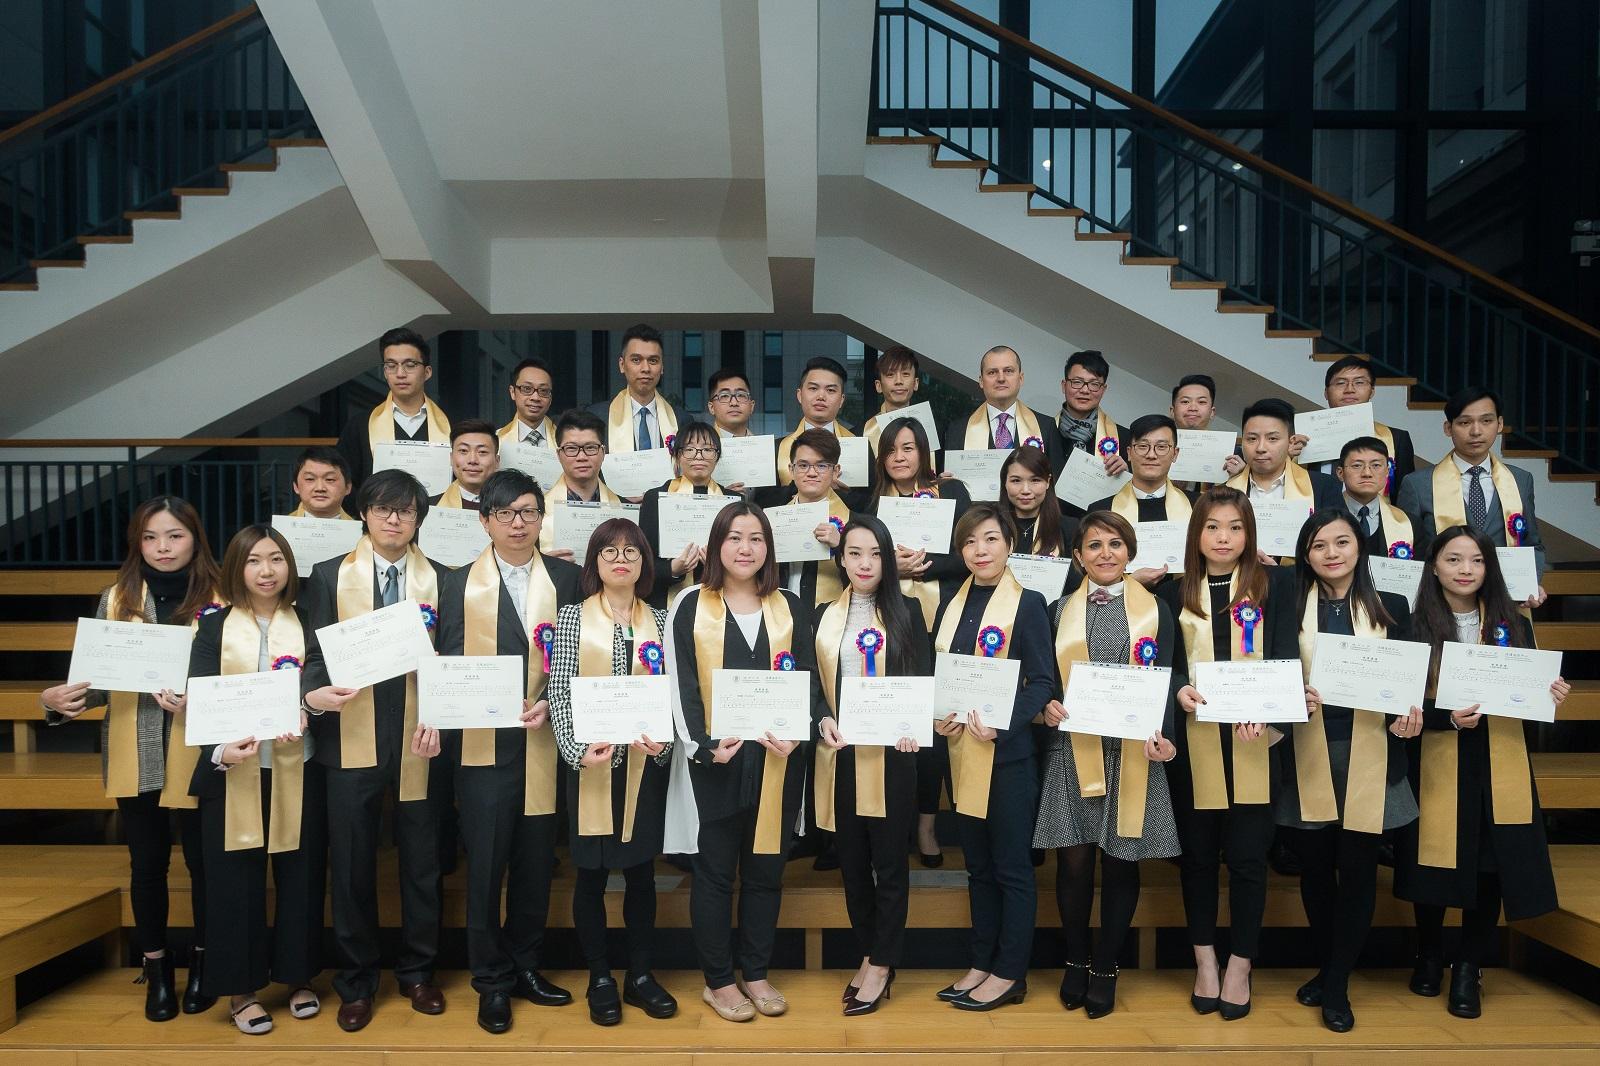 團隊成員完成澳門大學文憑課程 - 金沙中國